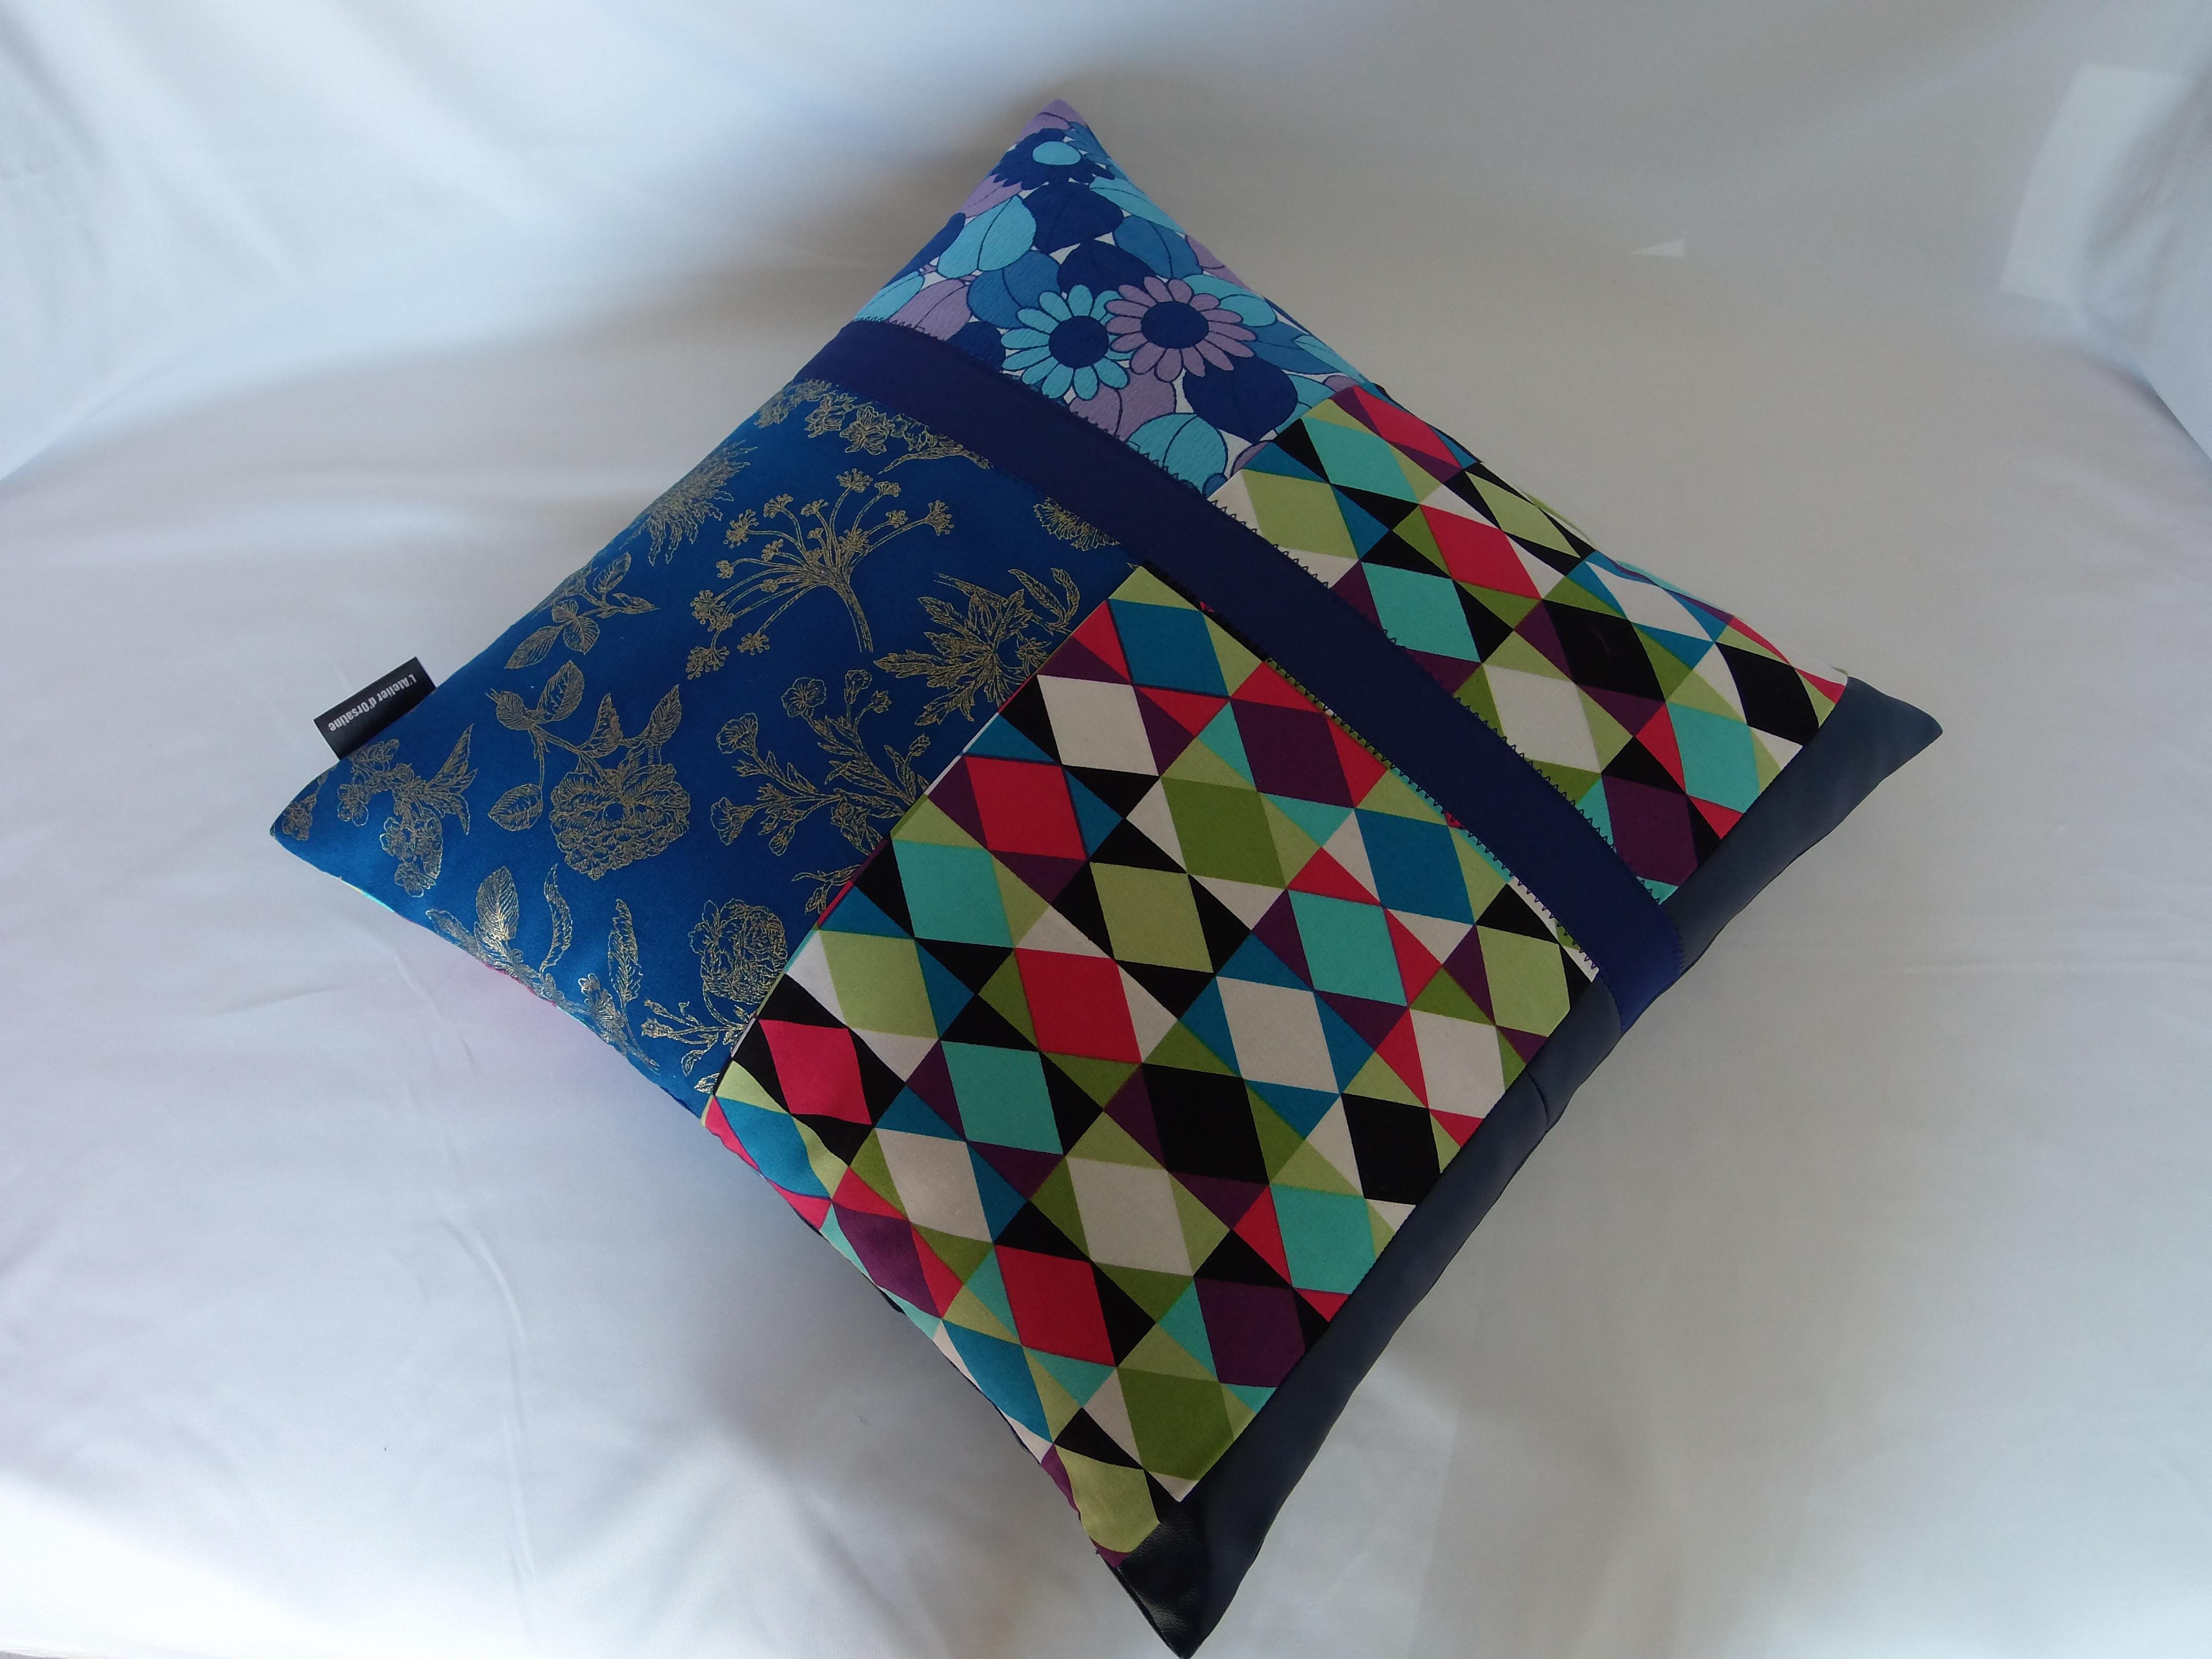 coussin bouton patchwork 40x40 mod le carpobrotus maison et deco textiles tapis par 22atelier27. Black Bedroom Furniture Sets. Home Design Ideas